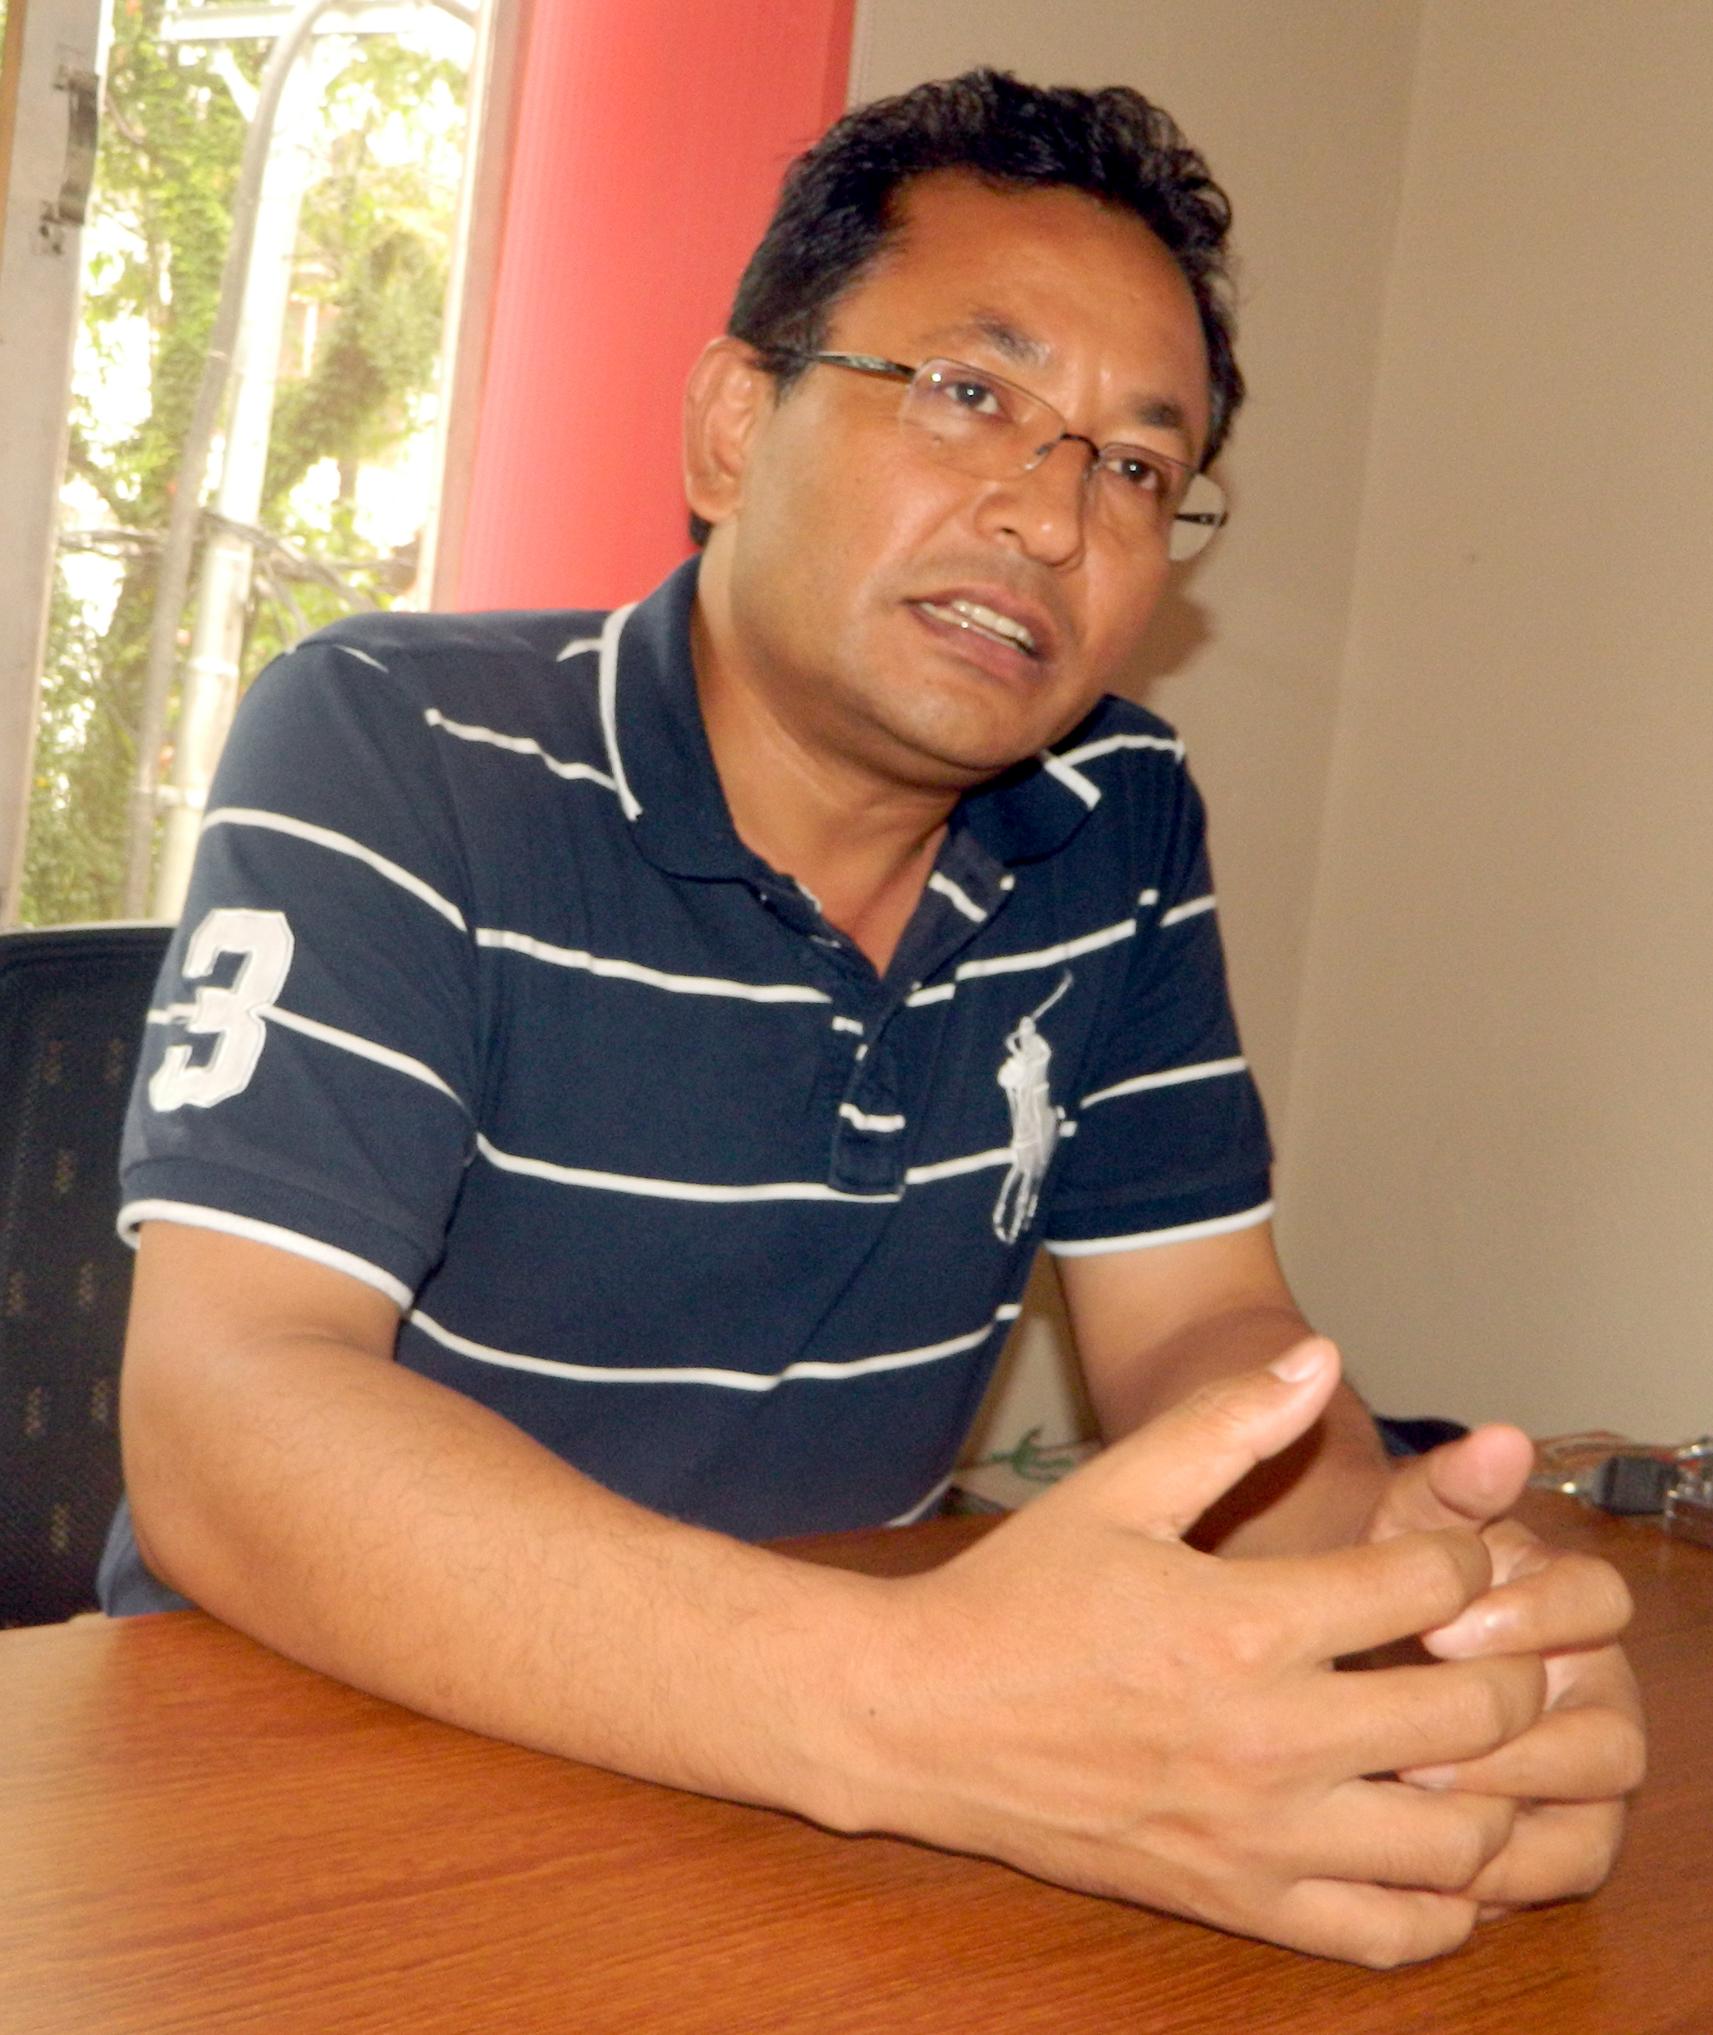 गंगा श्रेष्ठ, नेता, नया शक्ति नेपाल